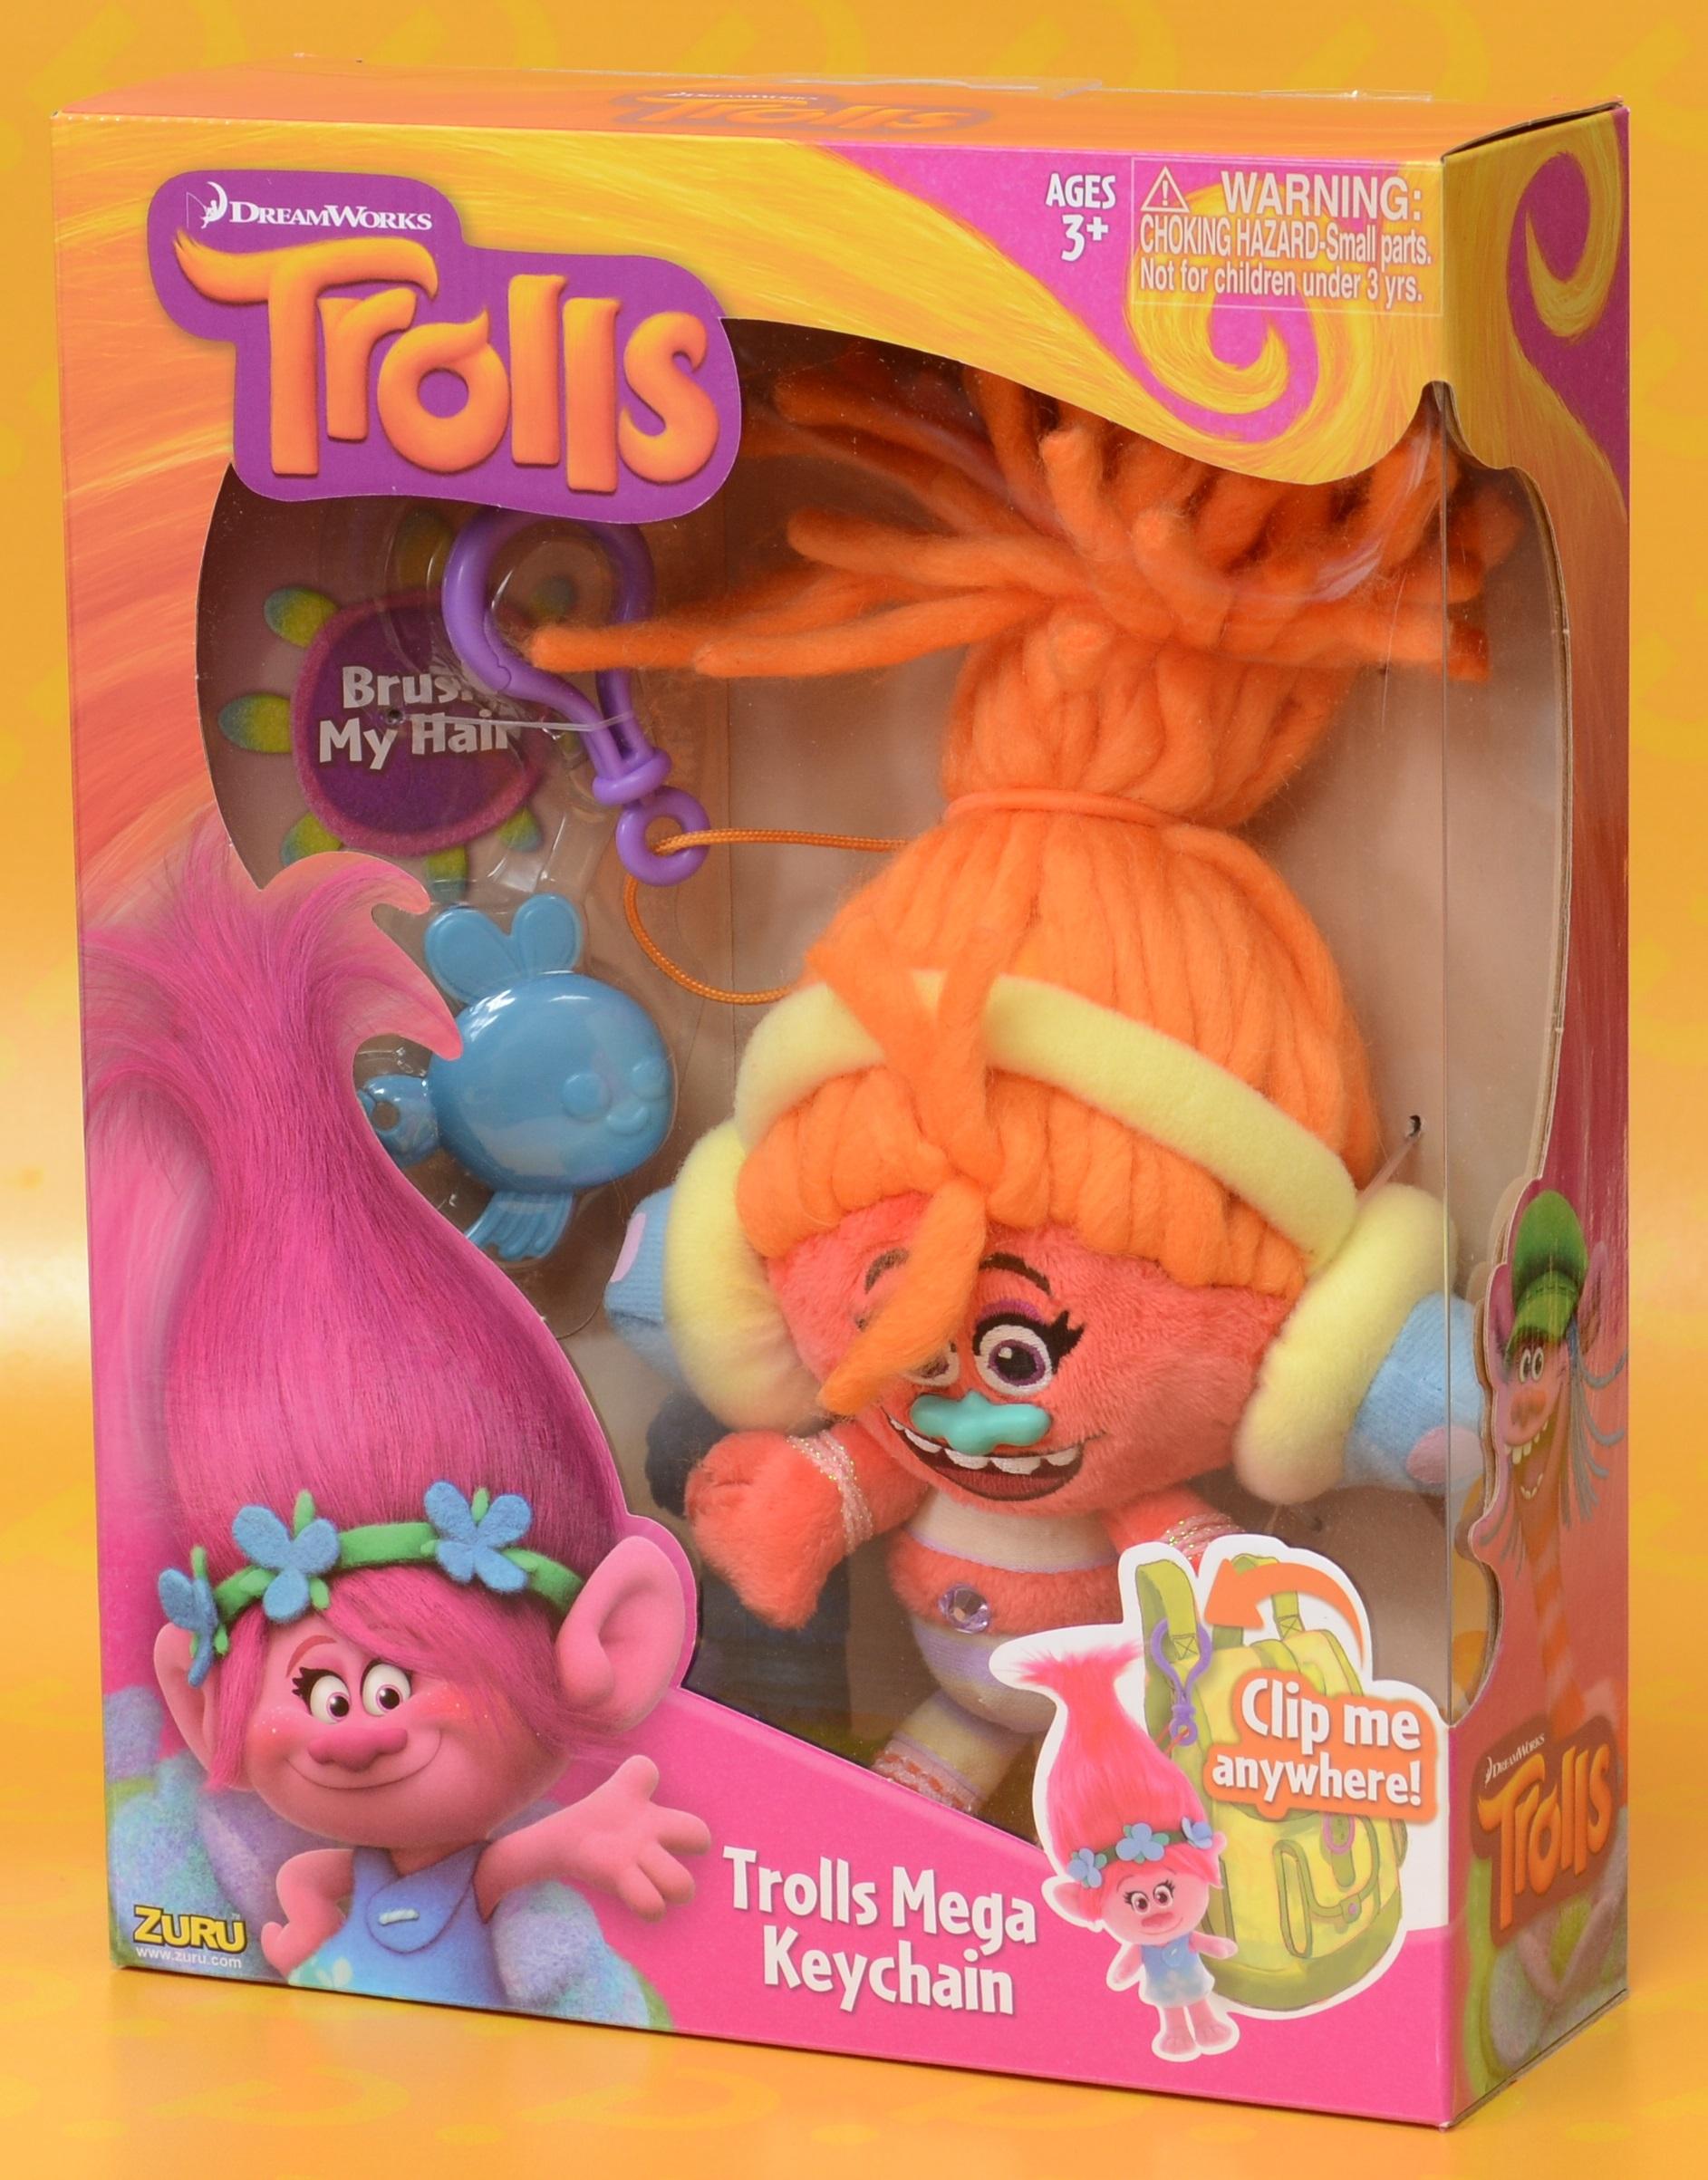 Мягкая игрушка Trolls. Тролль DJ Звуки (DJ Suki)Представляем вашему вниманию мягкую игрушку Trolls. Тролль DJ Звуки, созданную по мотивам анимационного фильма производства DreamWorks Animation.<br>